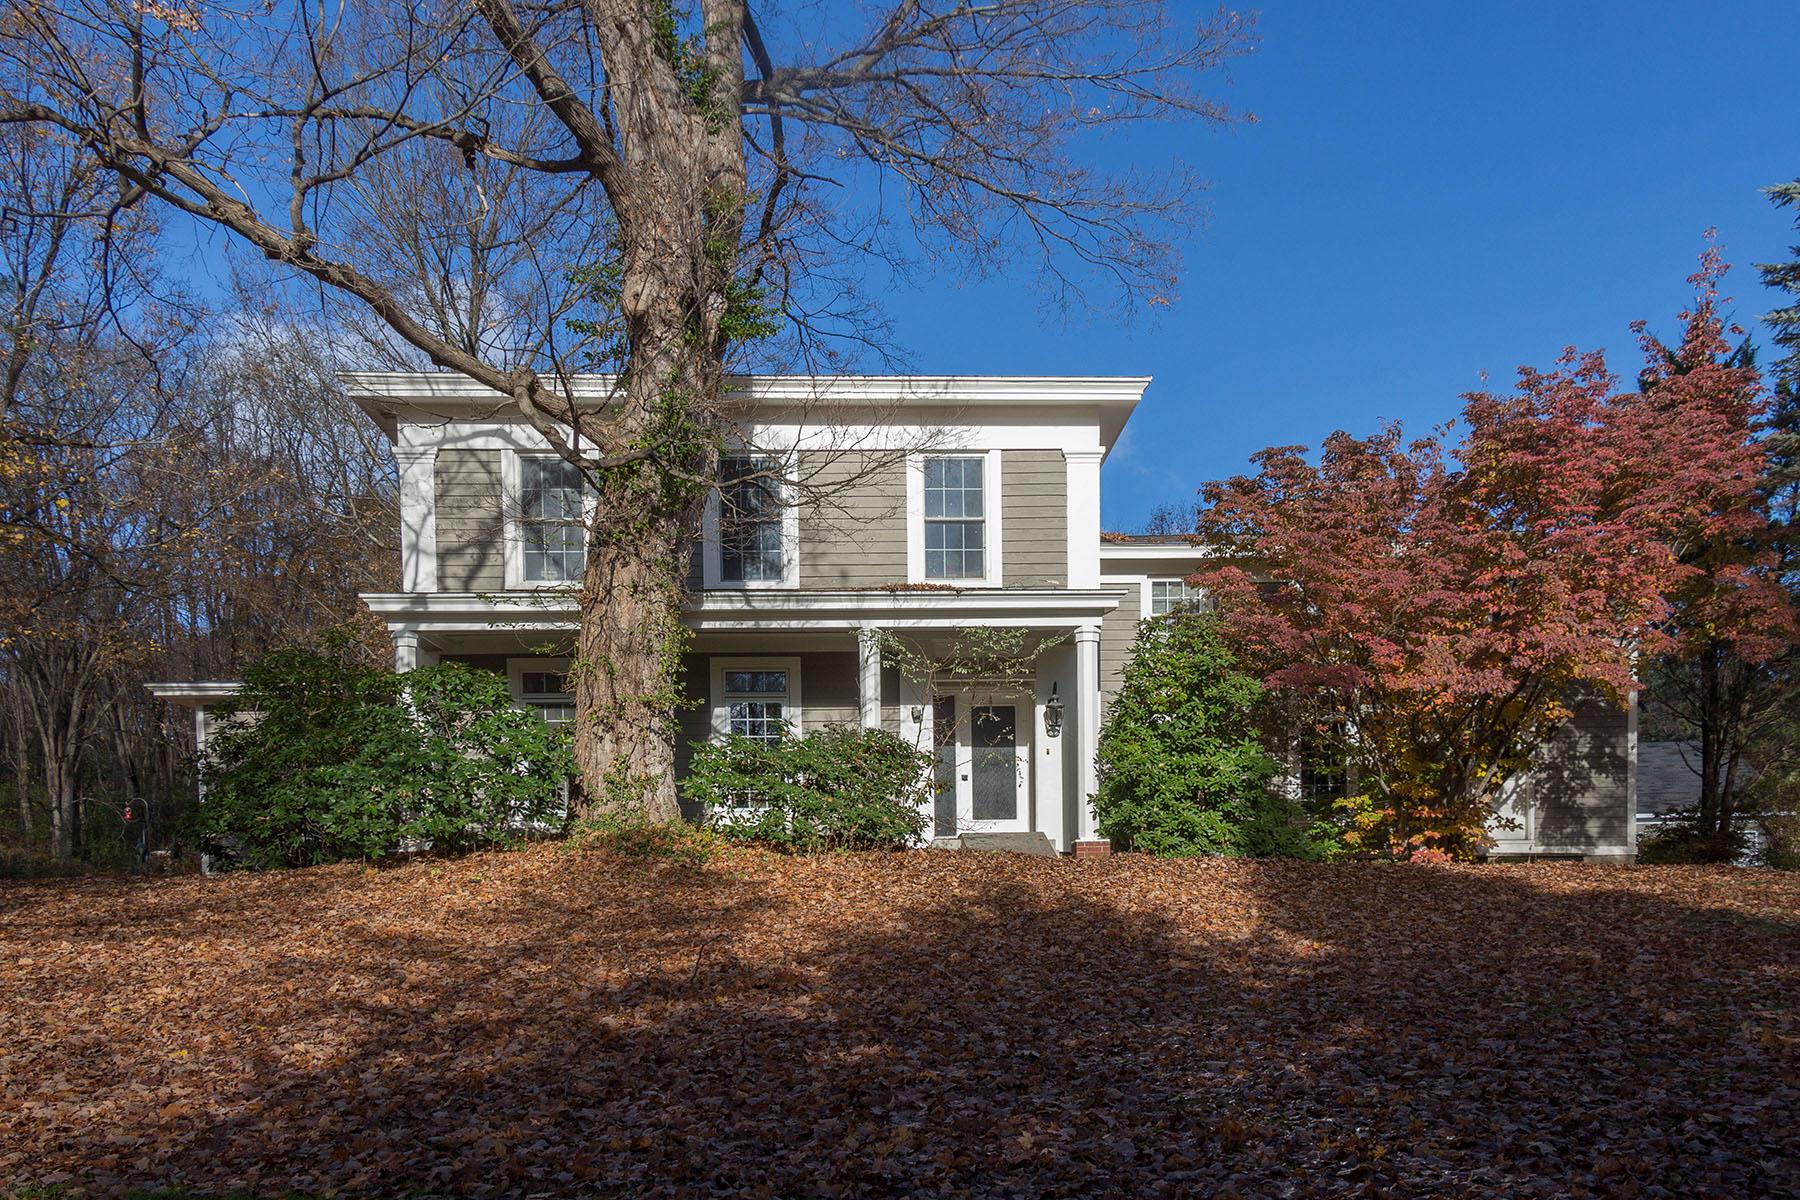 Частный односемейный дом для того Продажа на Country Living 7 Ford Rd Troy, Нью-Йорк 12180 Соединенные Штаты